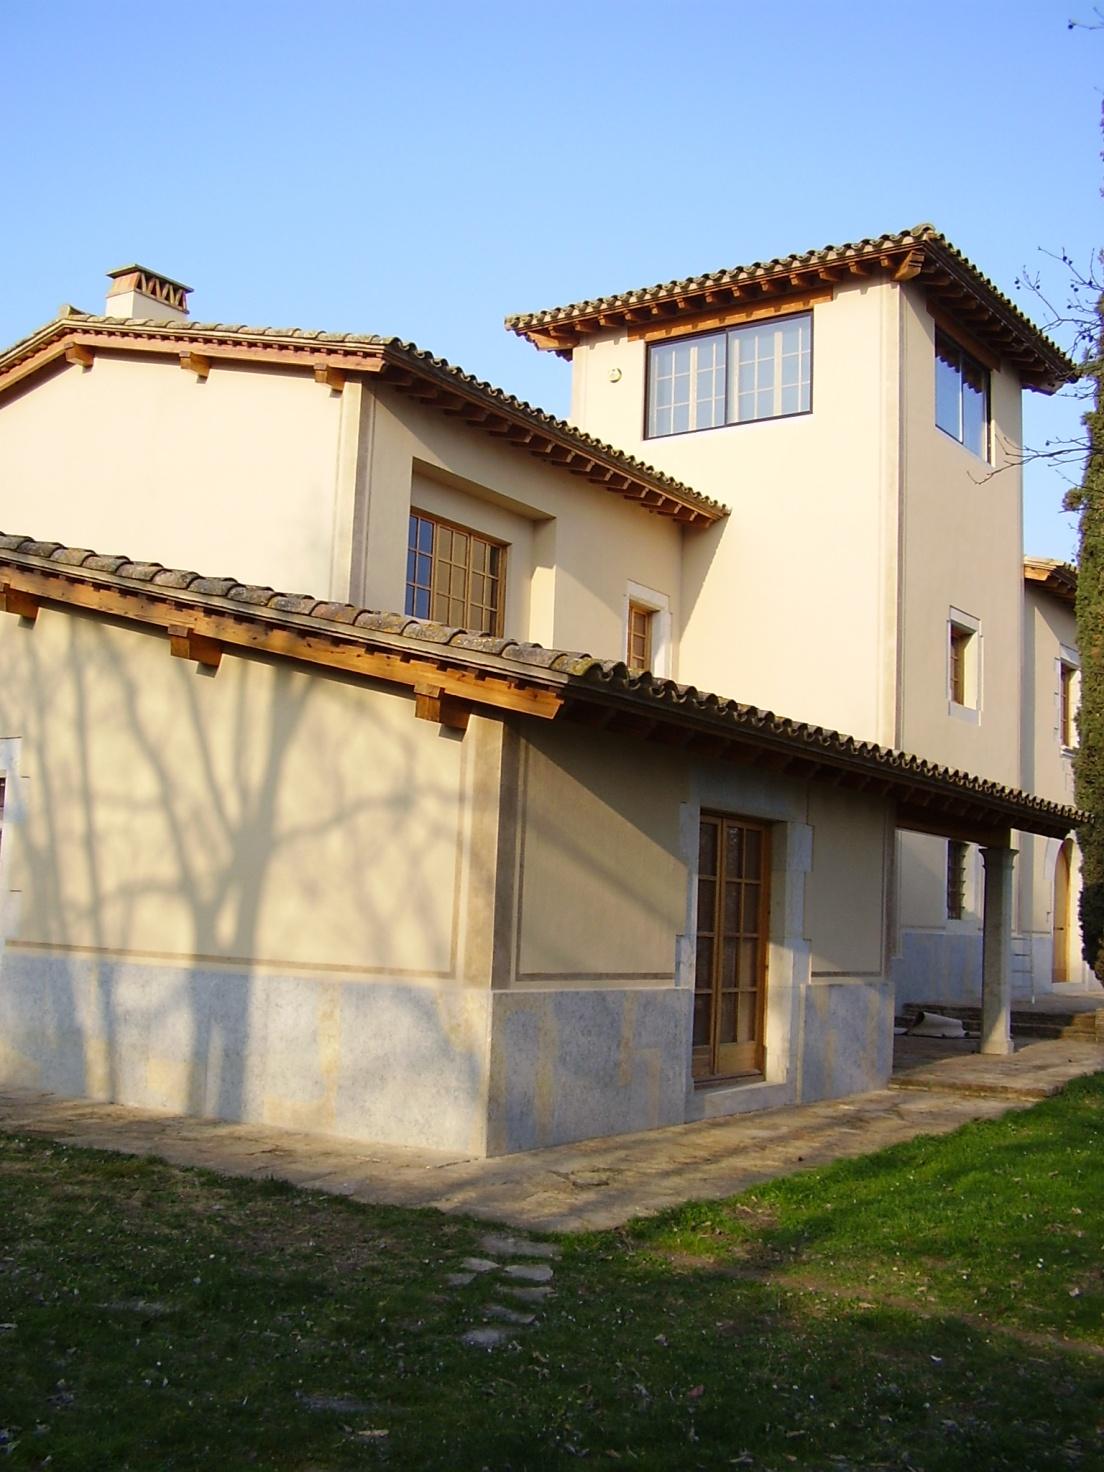 fachada masia rehbilitada en Girona